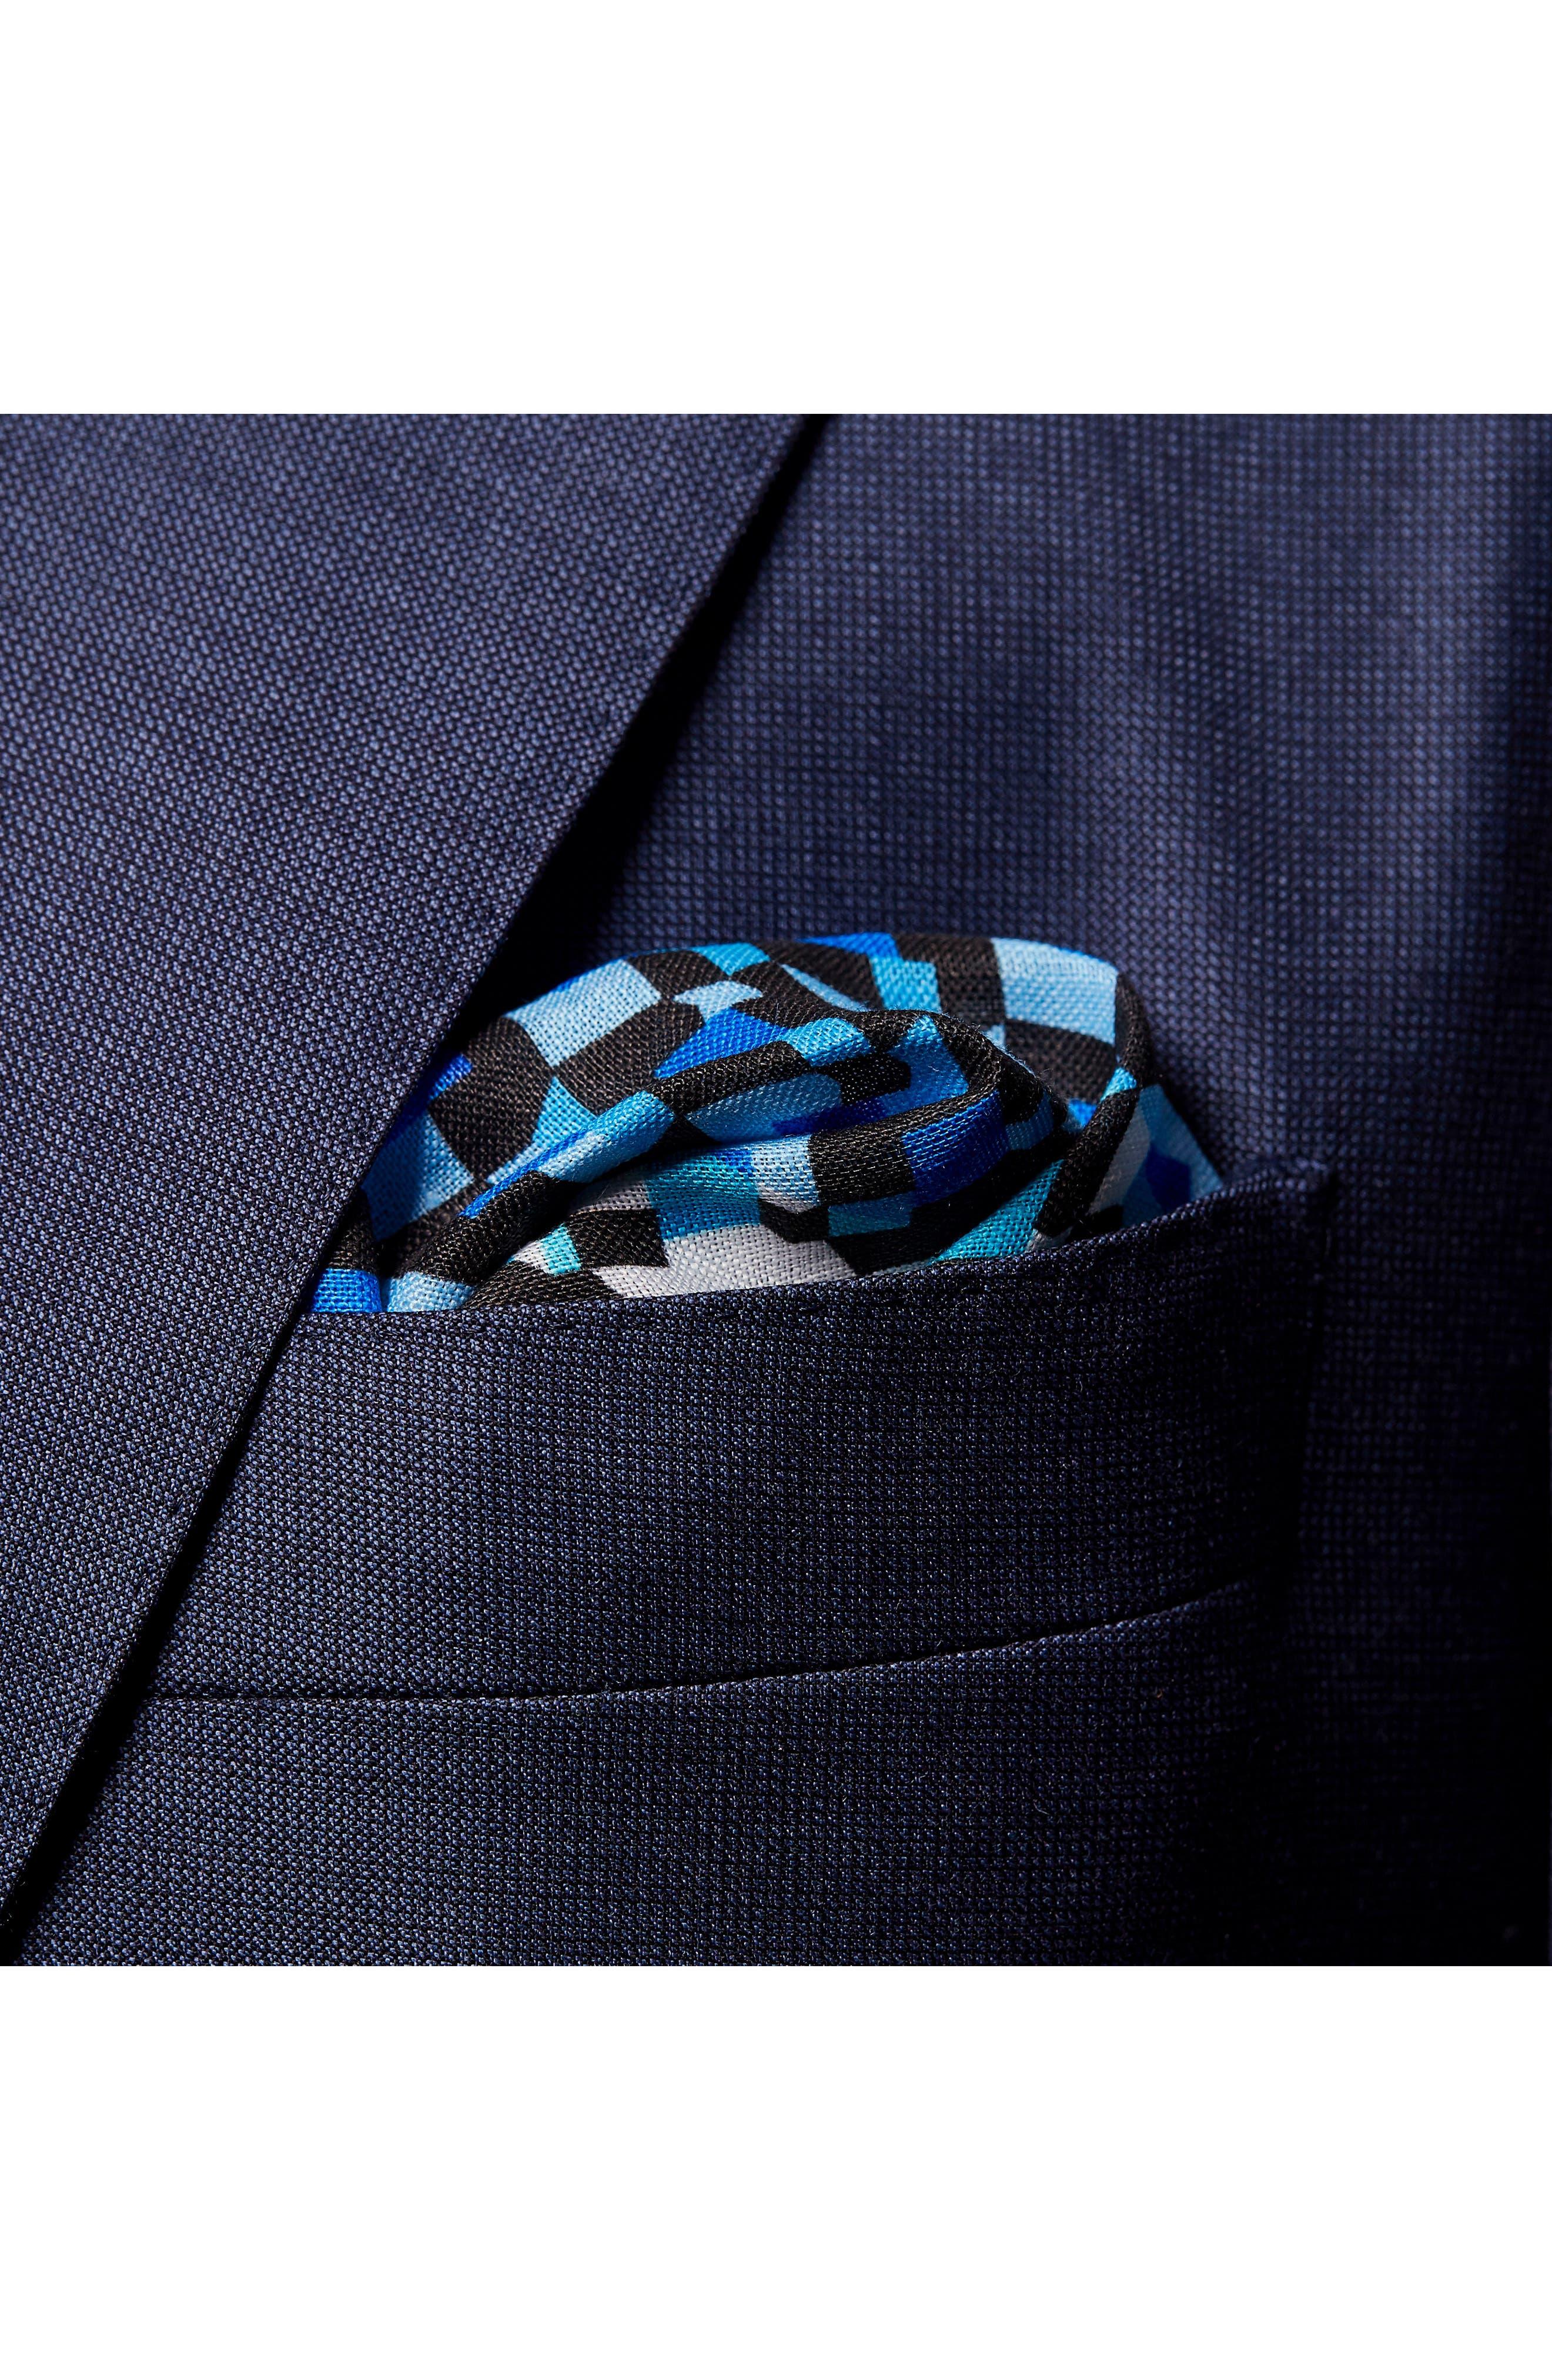 Geometric Linen Pocket Square,                             Alternate thumbnail 2, color,                             Blue